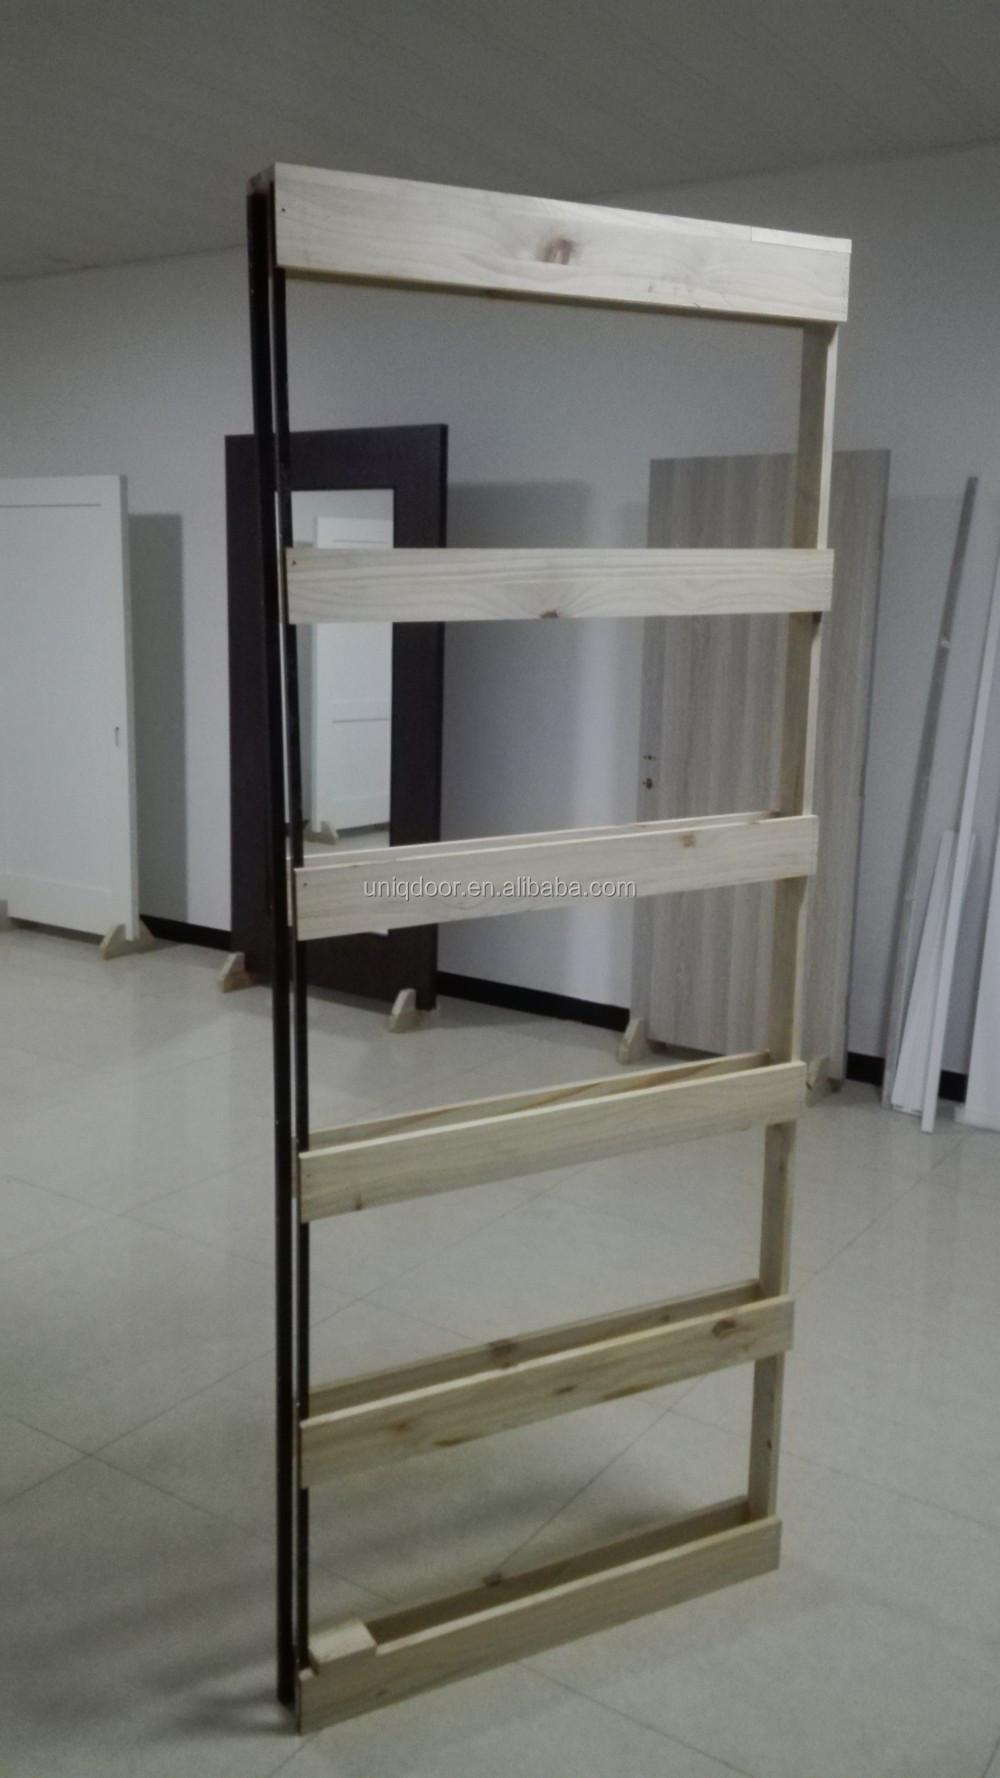 1-lite Completa Lite De Vidrio Templado Esmerilado De Madera De ...